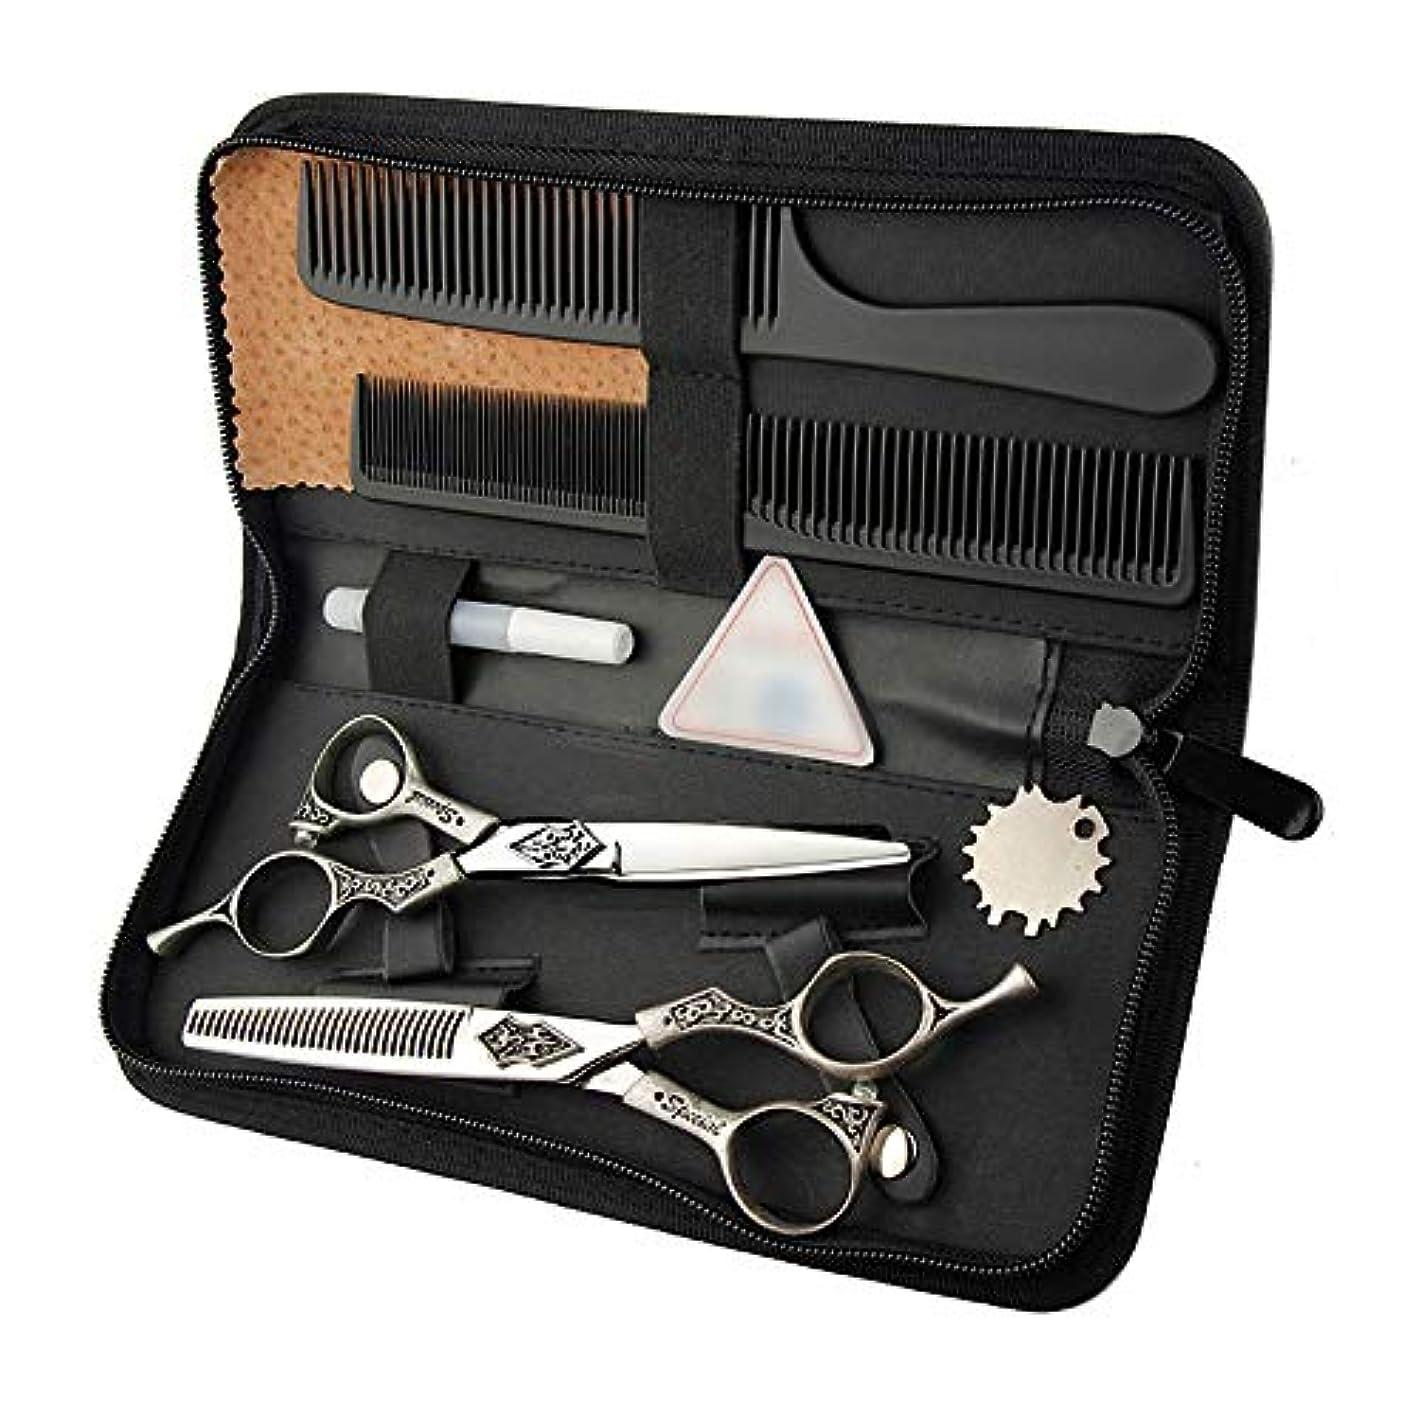 意図的ディスカウント分散6インチ美容院プロフェッショナル理髪セット、フラットせん断+歯せん断レトロハンドルはさみセット ヘアケア (色 : Silver)